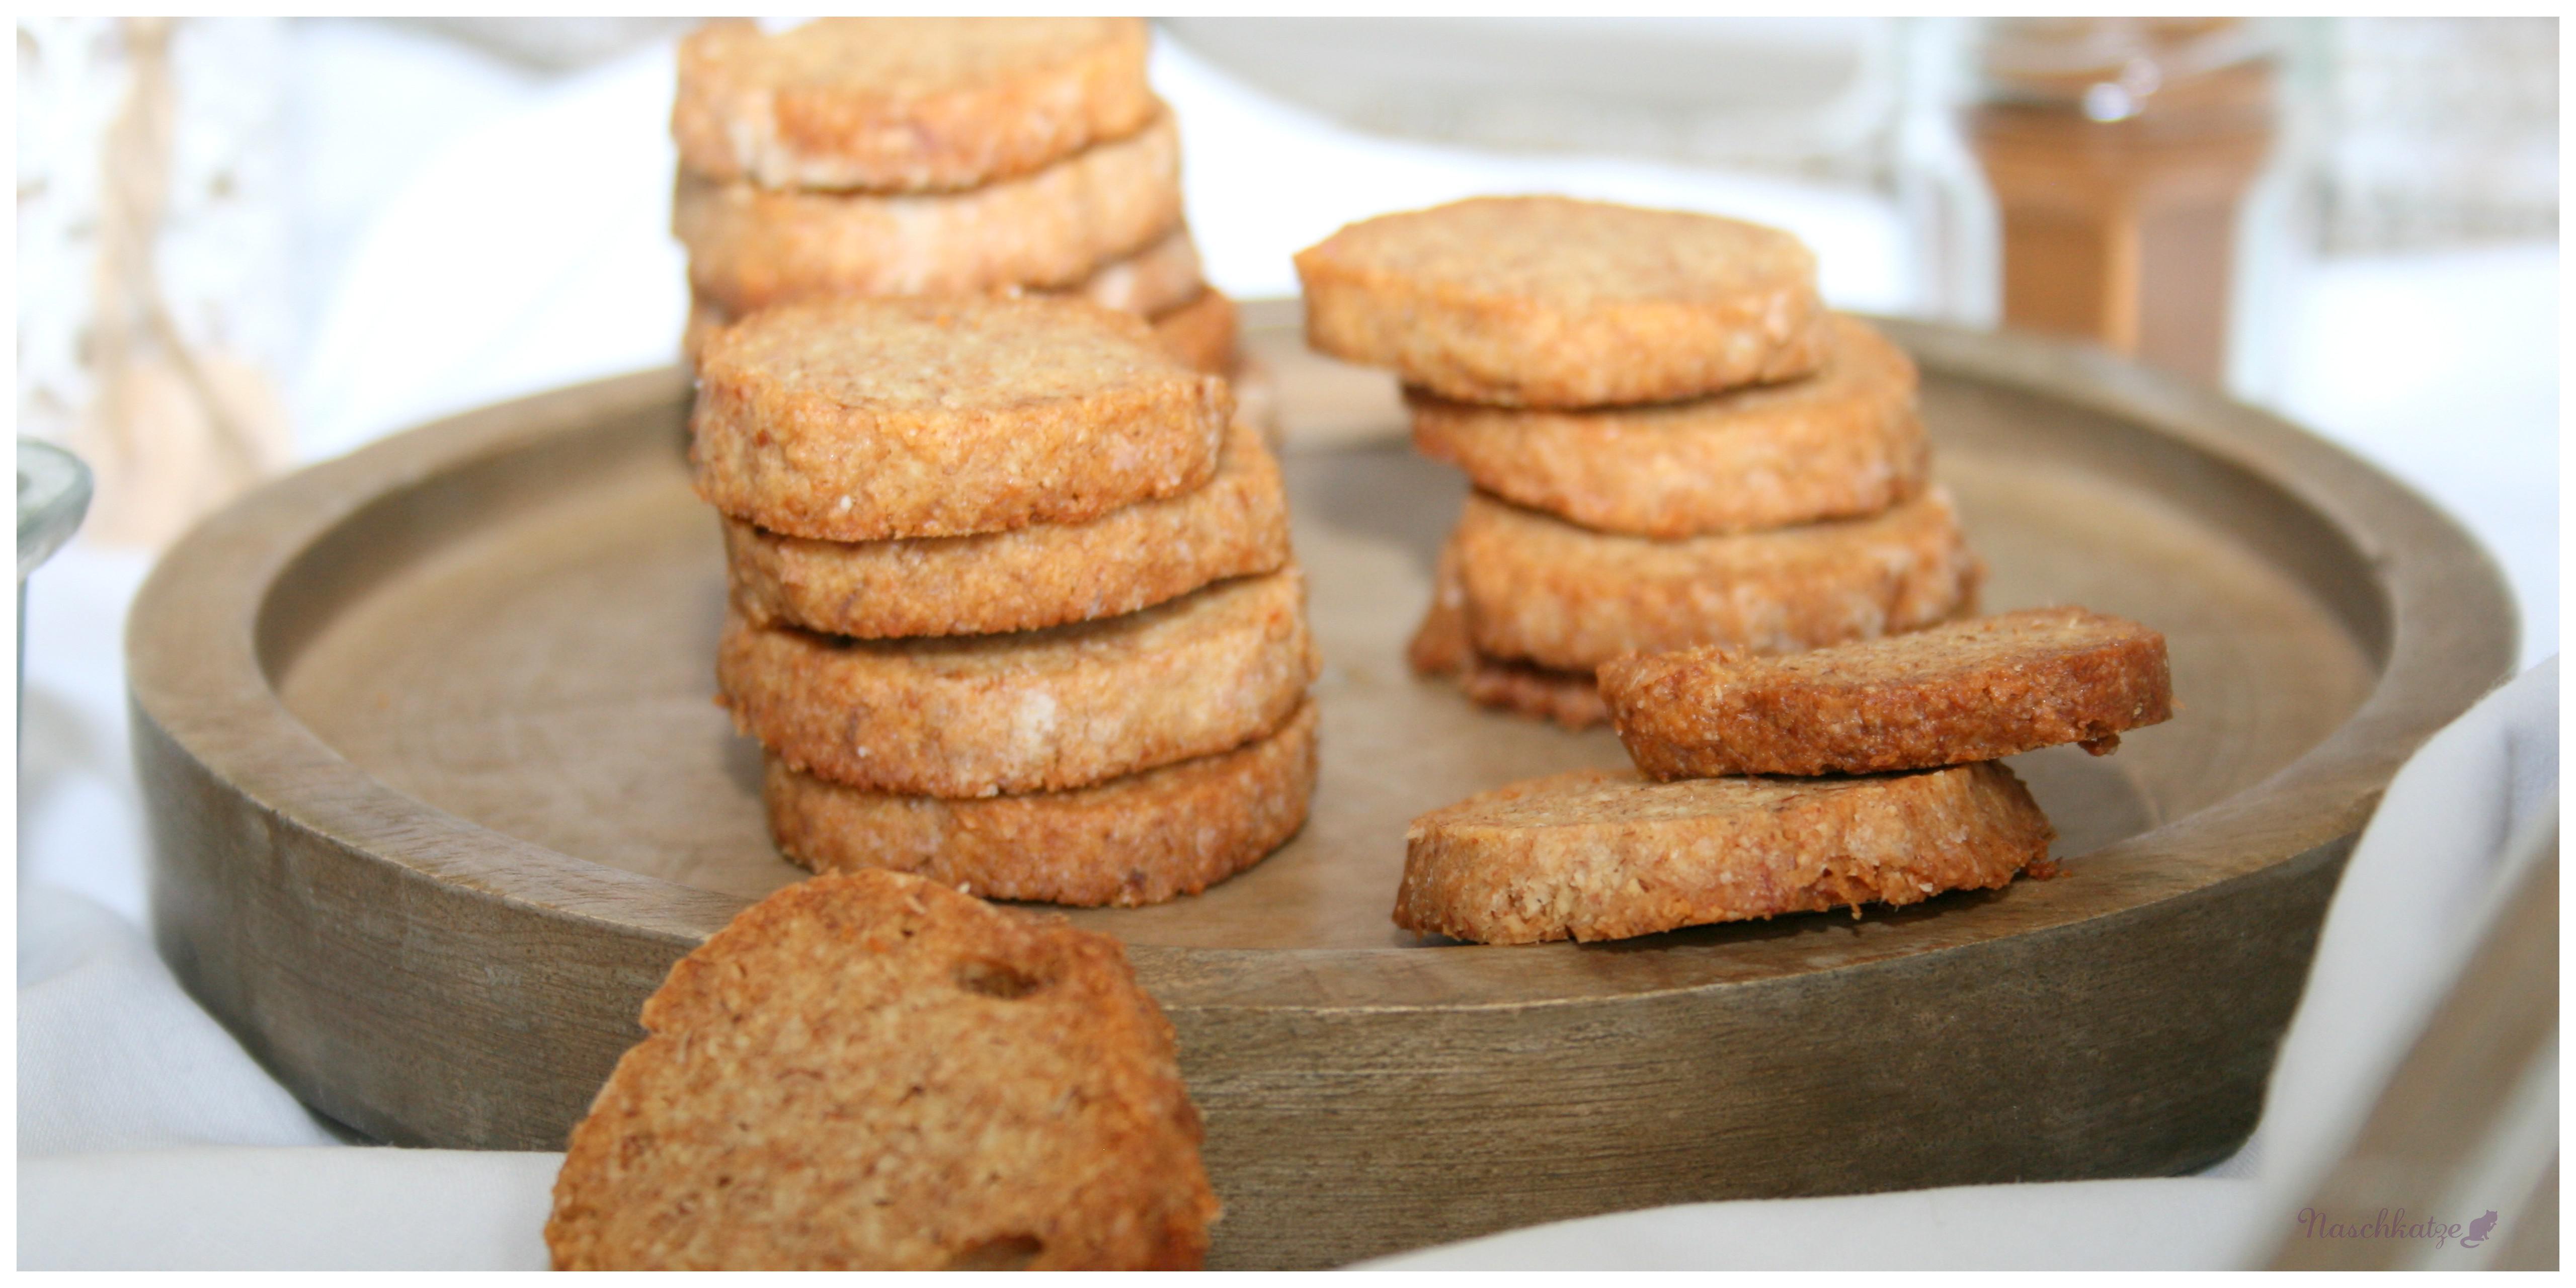 Hildegard bingen kekse rezept